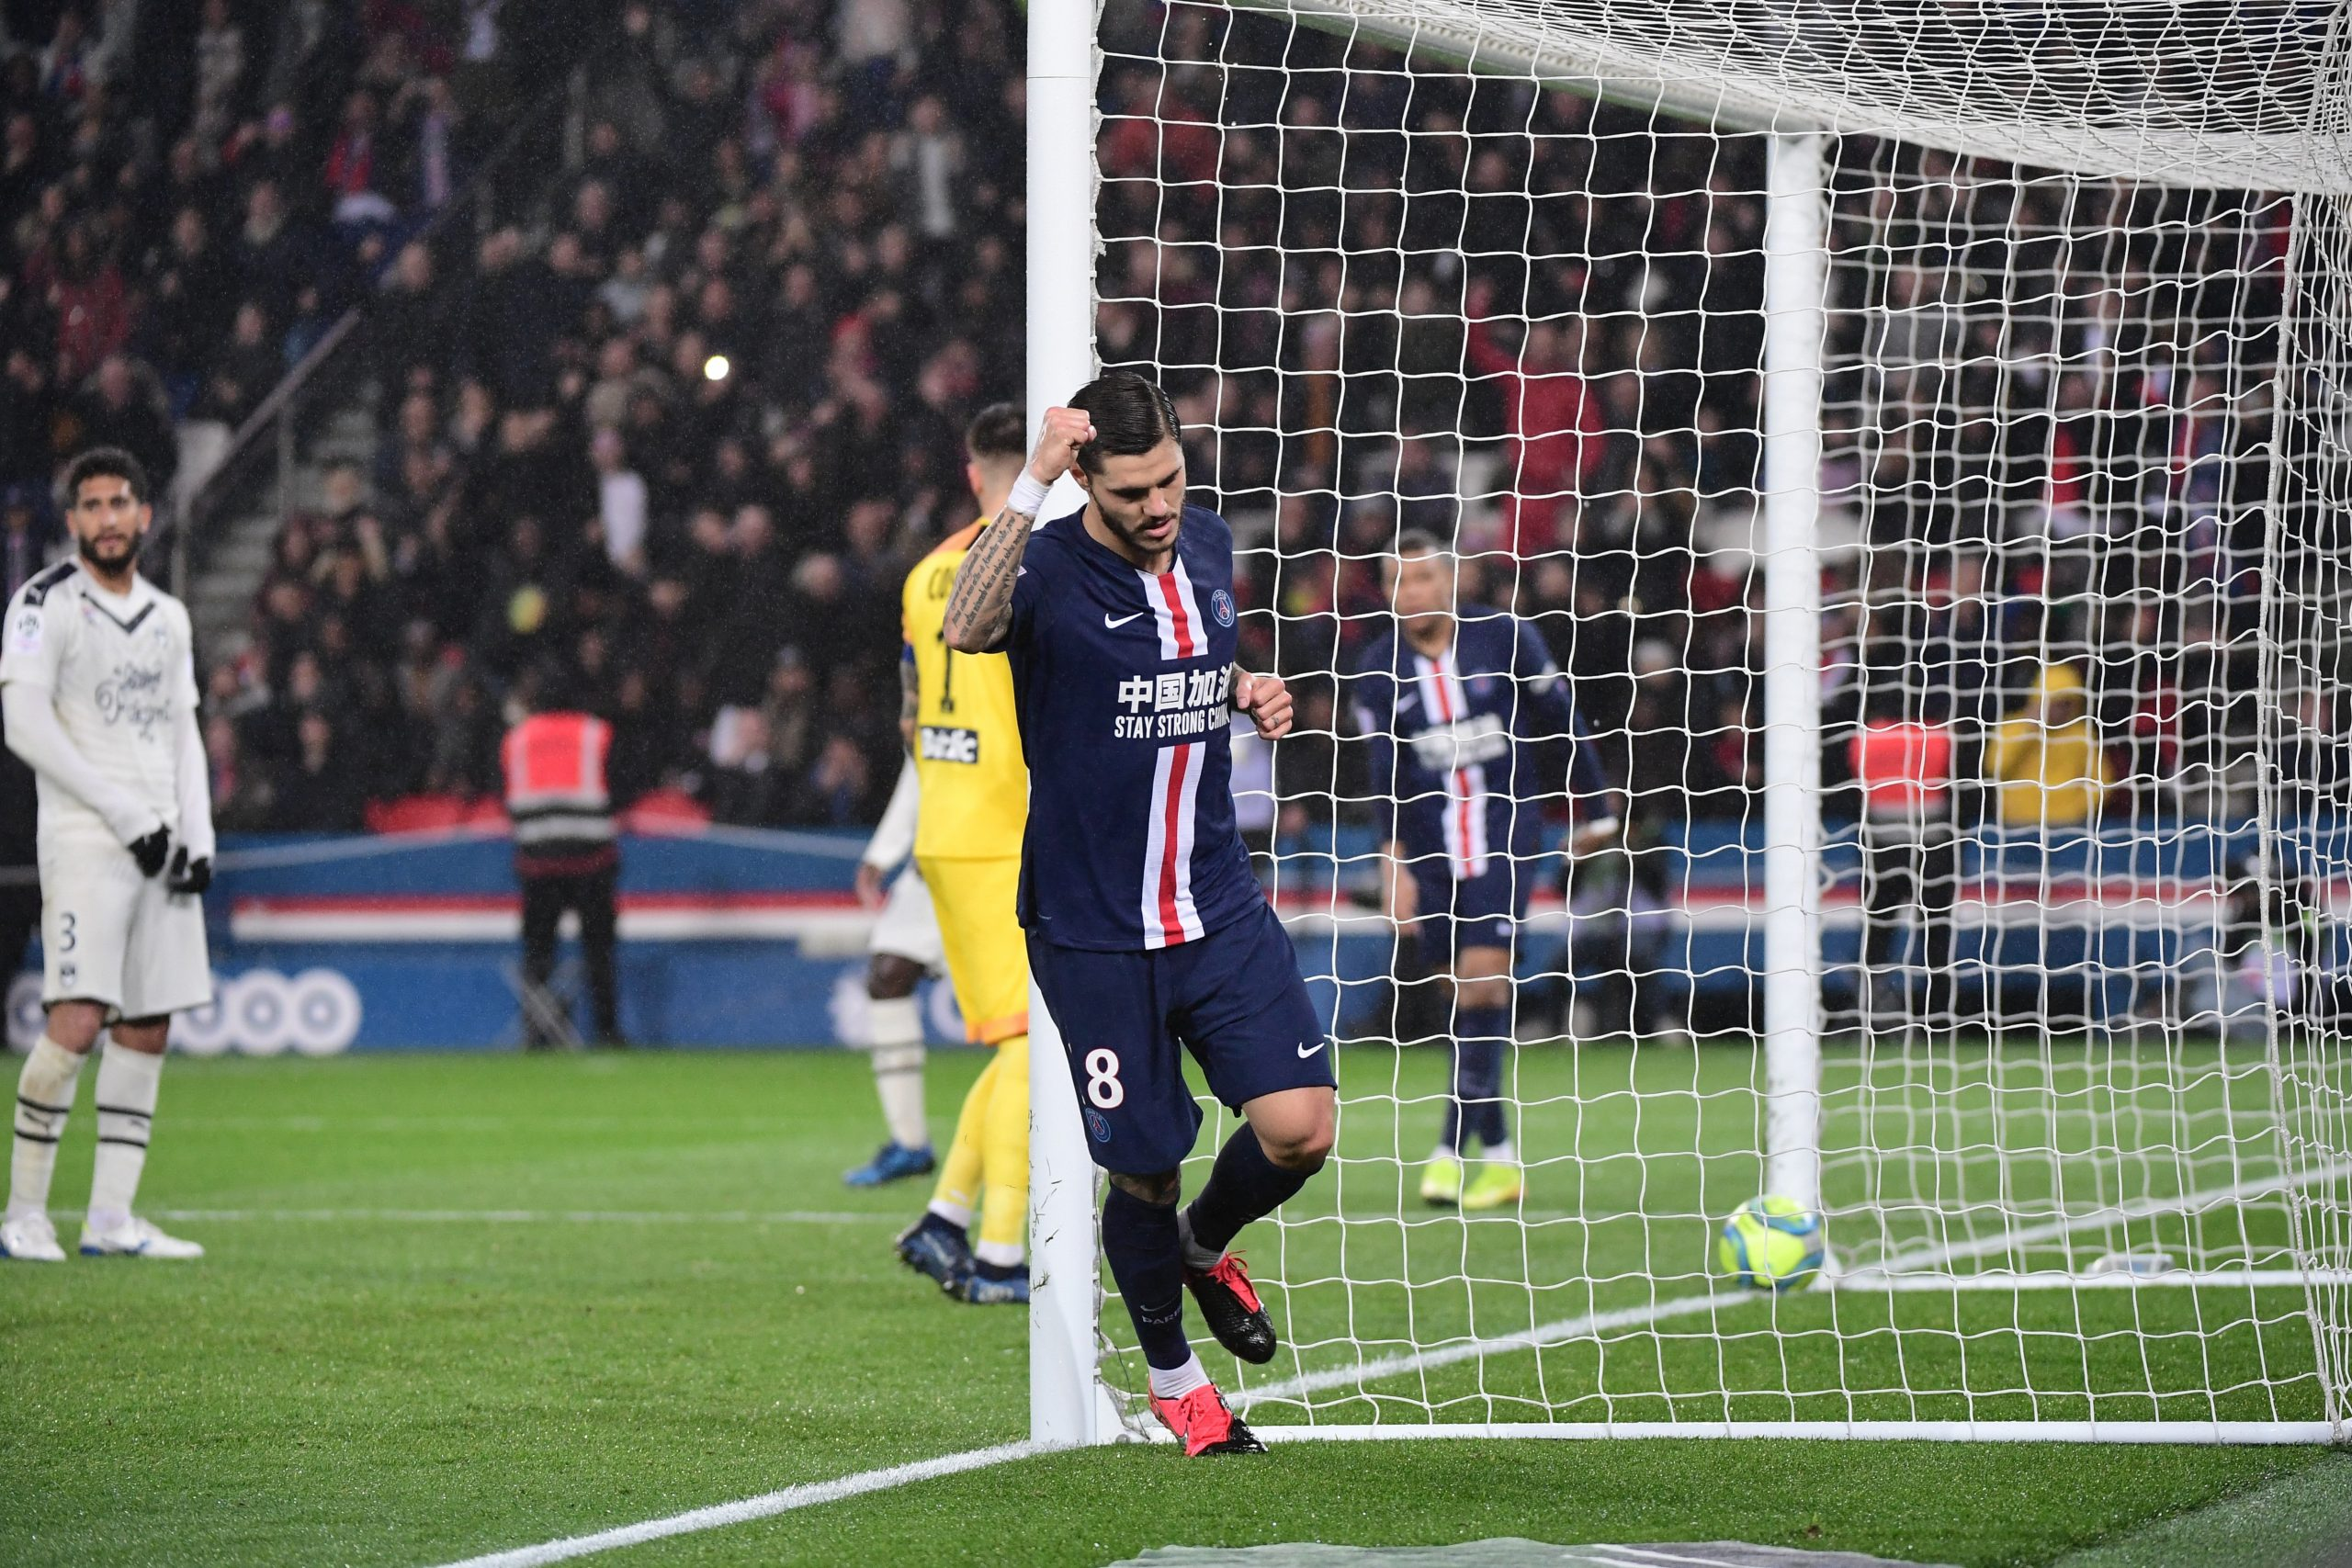 Mercato - PSG : Qui croire pour ce transfert ?